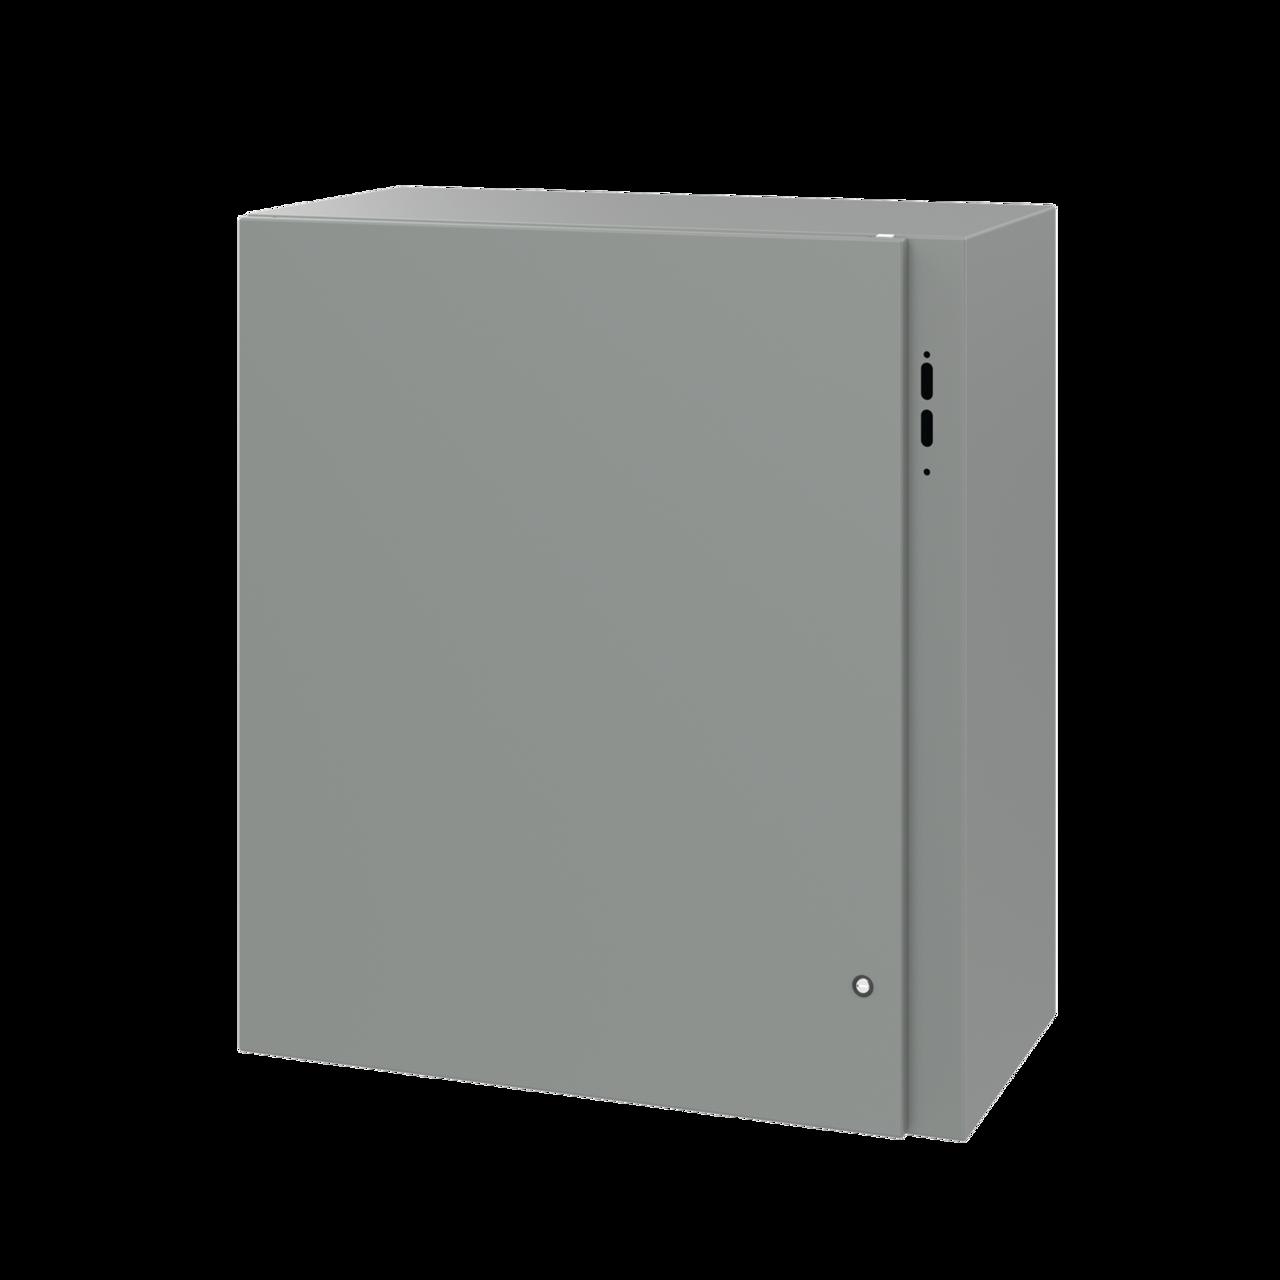 nVent HOFFMAN CDSC363216